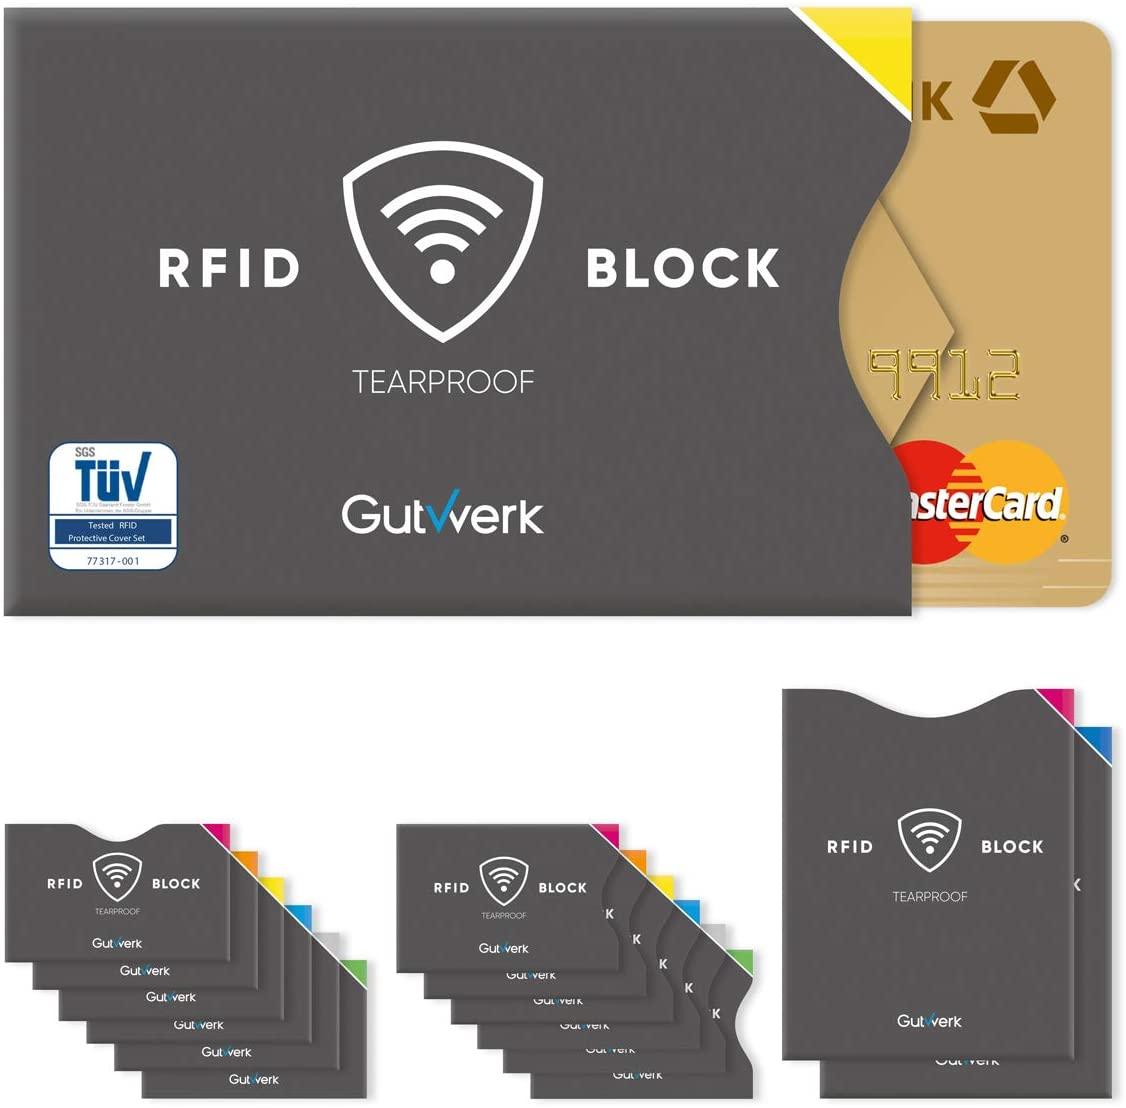 Blocco RFID | Custodia Protettiva NFC Carte Di Credito, Bancomat, Carta D'Identità Elettronica, Passaporto